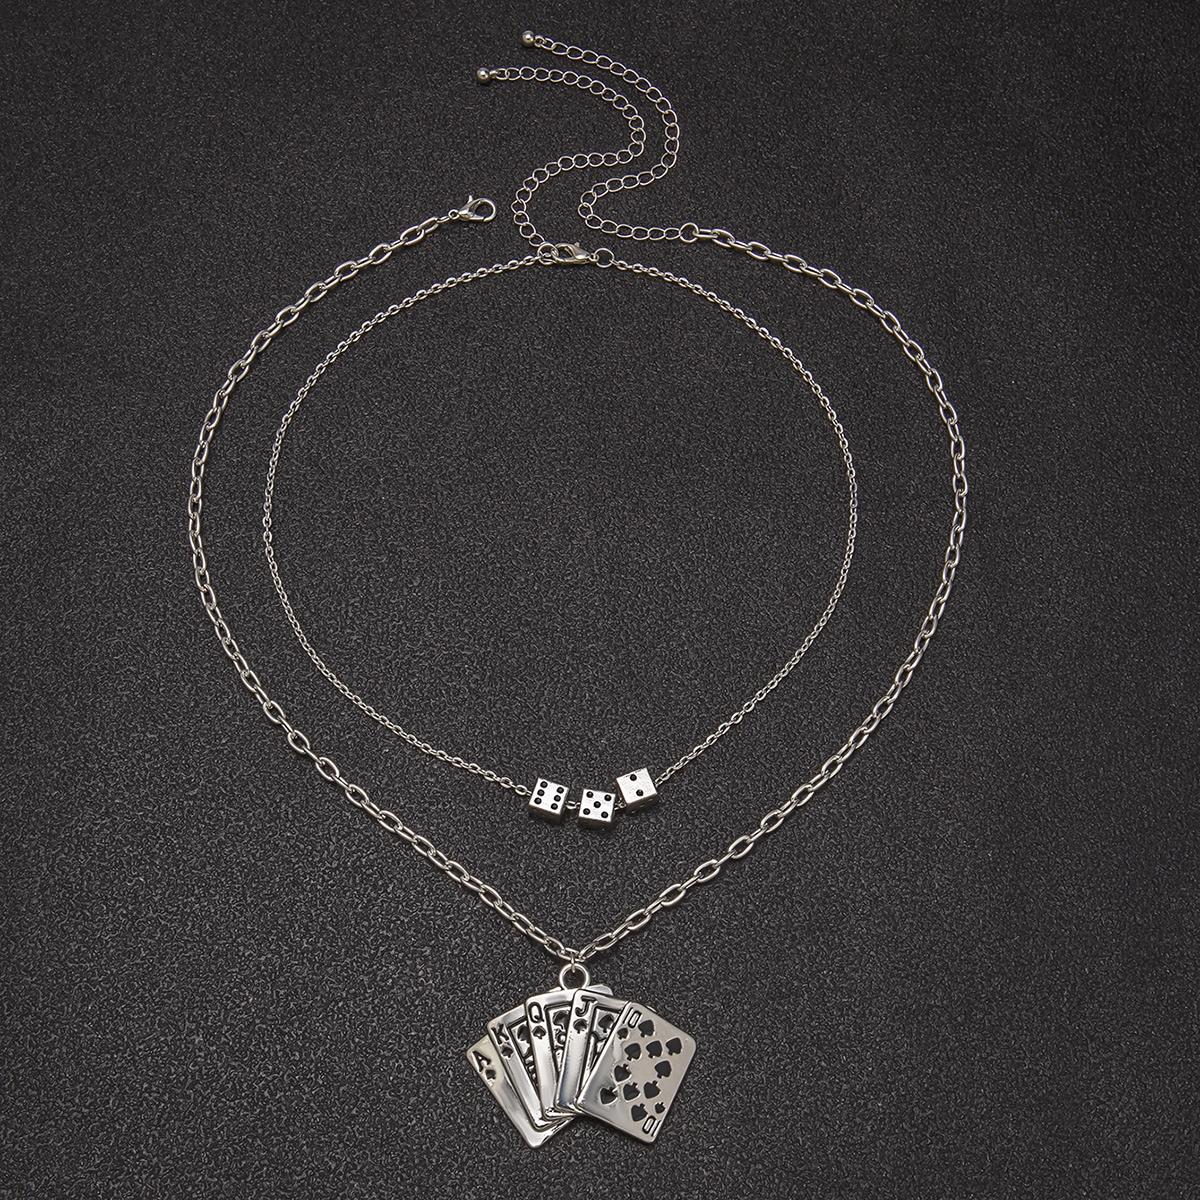 Мужское металлическое ожерелье с геометрической подвеской 2шт от SHEIN